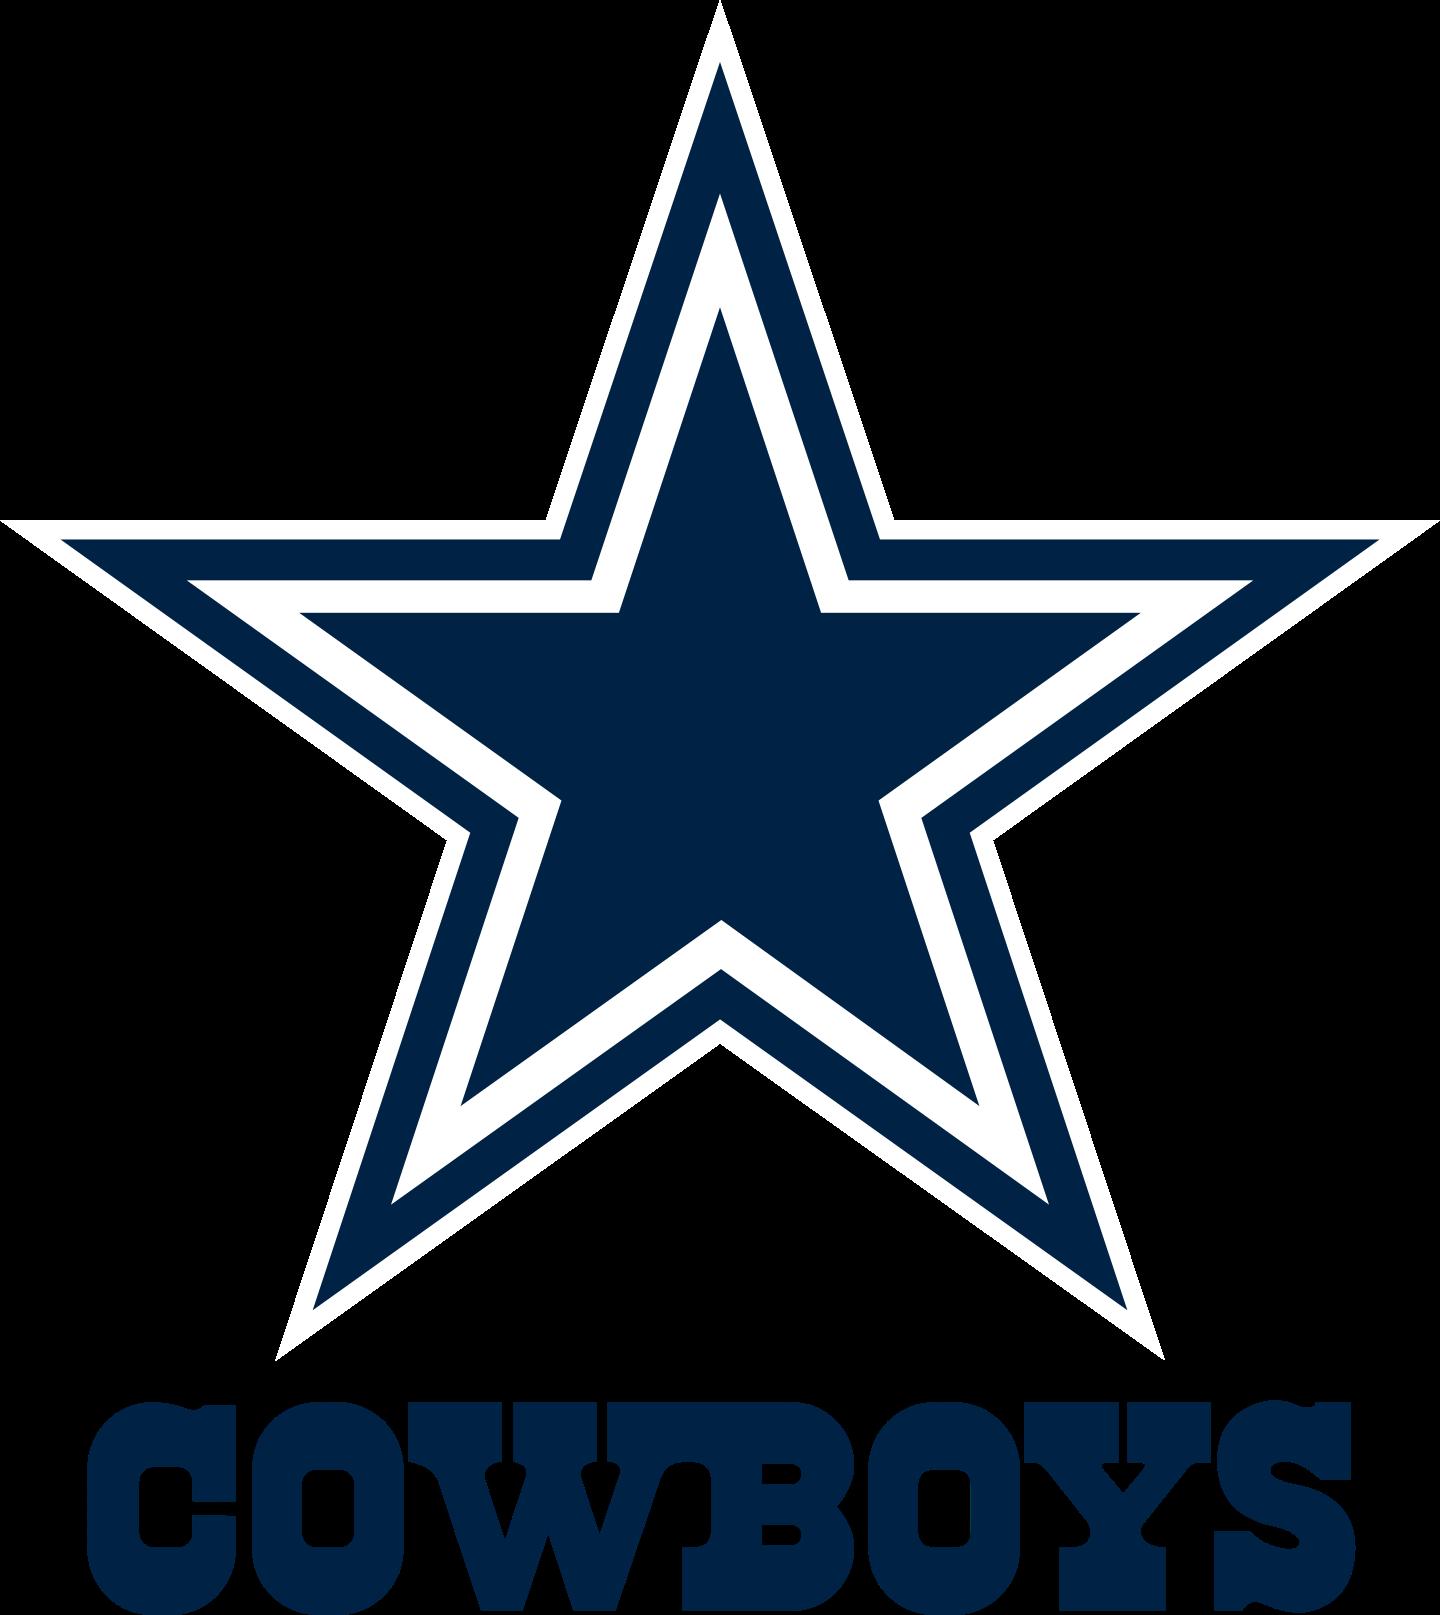 dallas cowboys logo 2 - Dallas Cowboys Logo